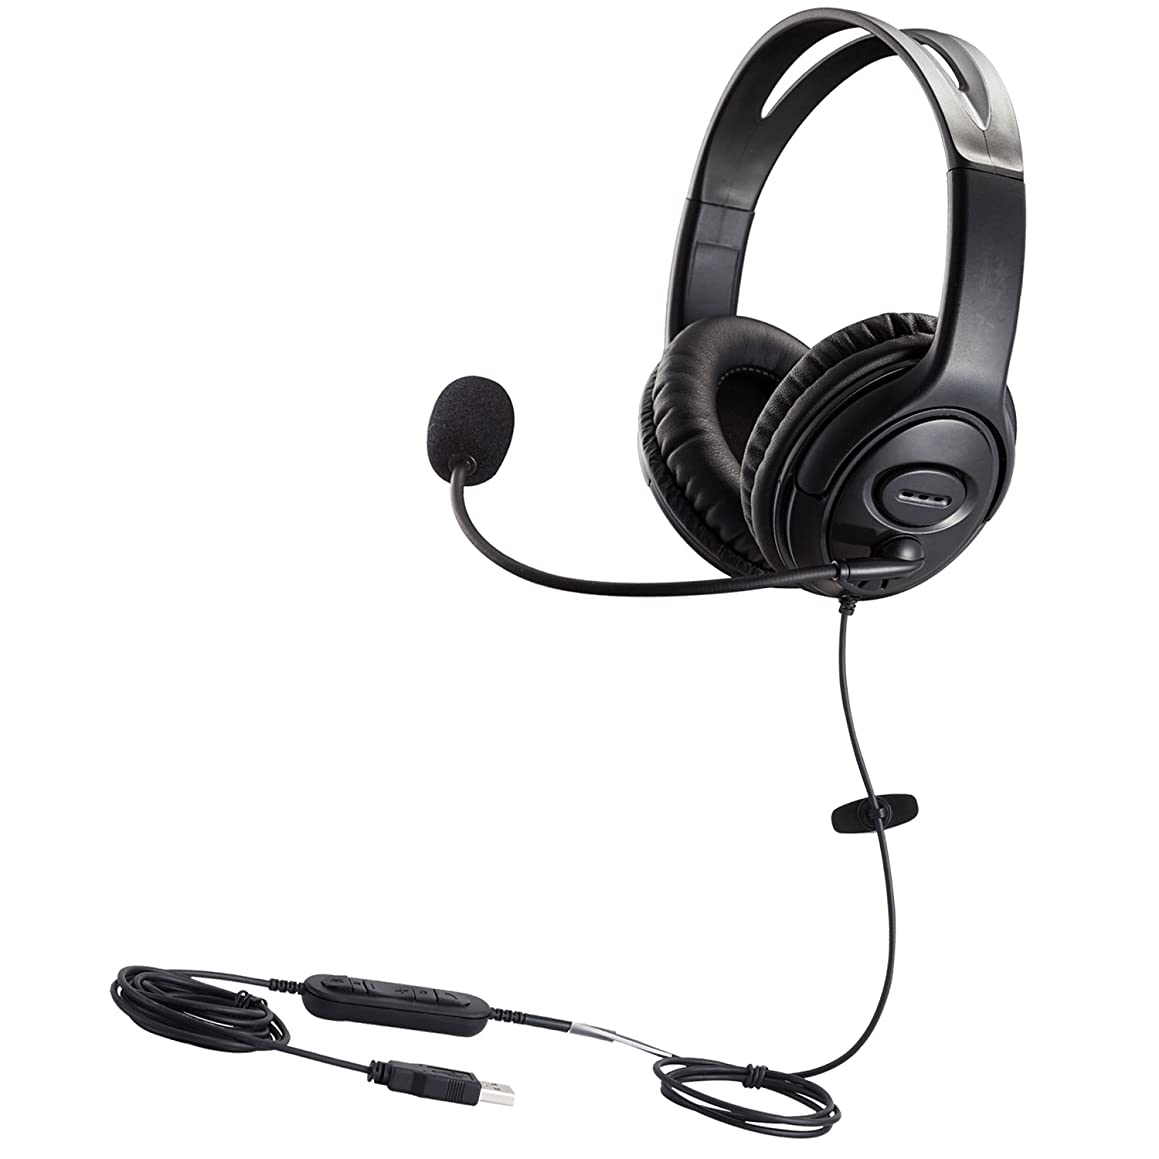 初期の遅らせる台無しにMKJ USBヘッドセットPCヘッドホンwith Noise Cancellingマイク音声認識for Skypeゲームコールセンターソフトフォン